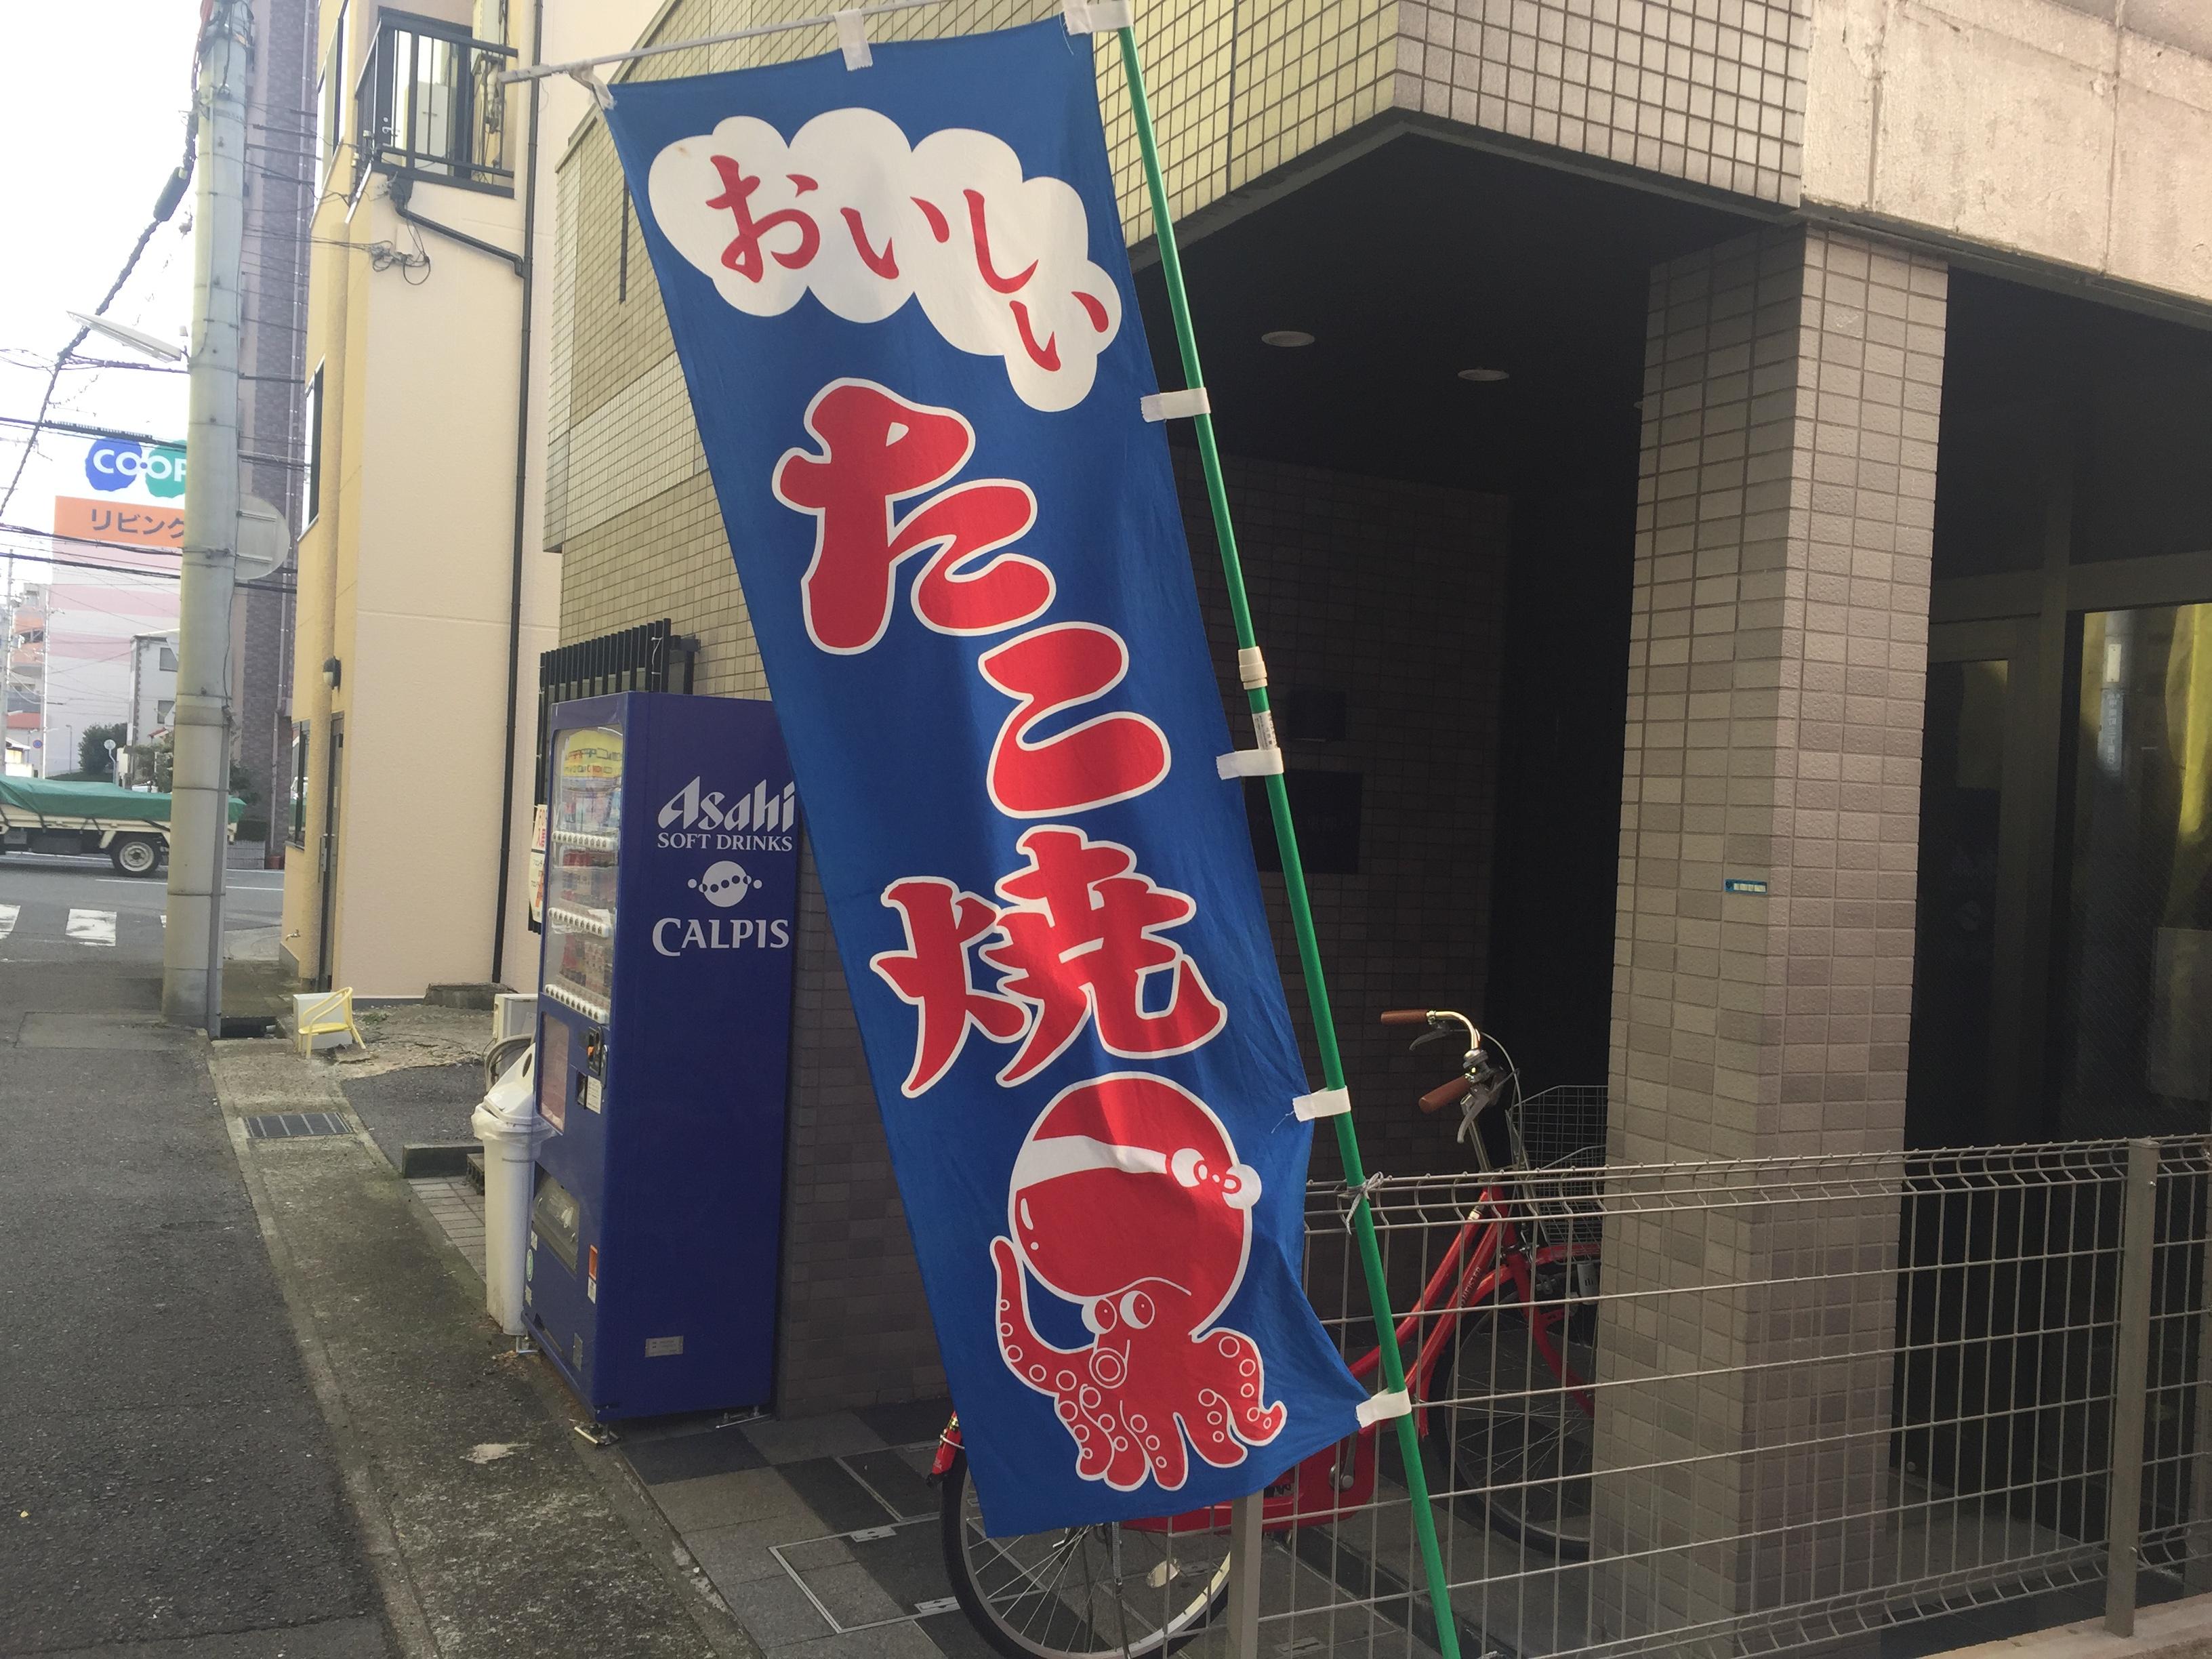 神戸・甲南本通商店街東にたこ焼き屋「Chee Taco」さんが限定出店しているよ!【※写真付紹介】